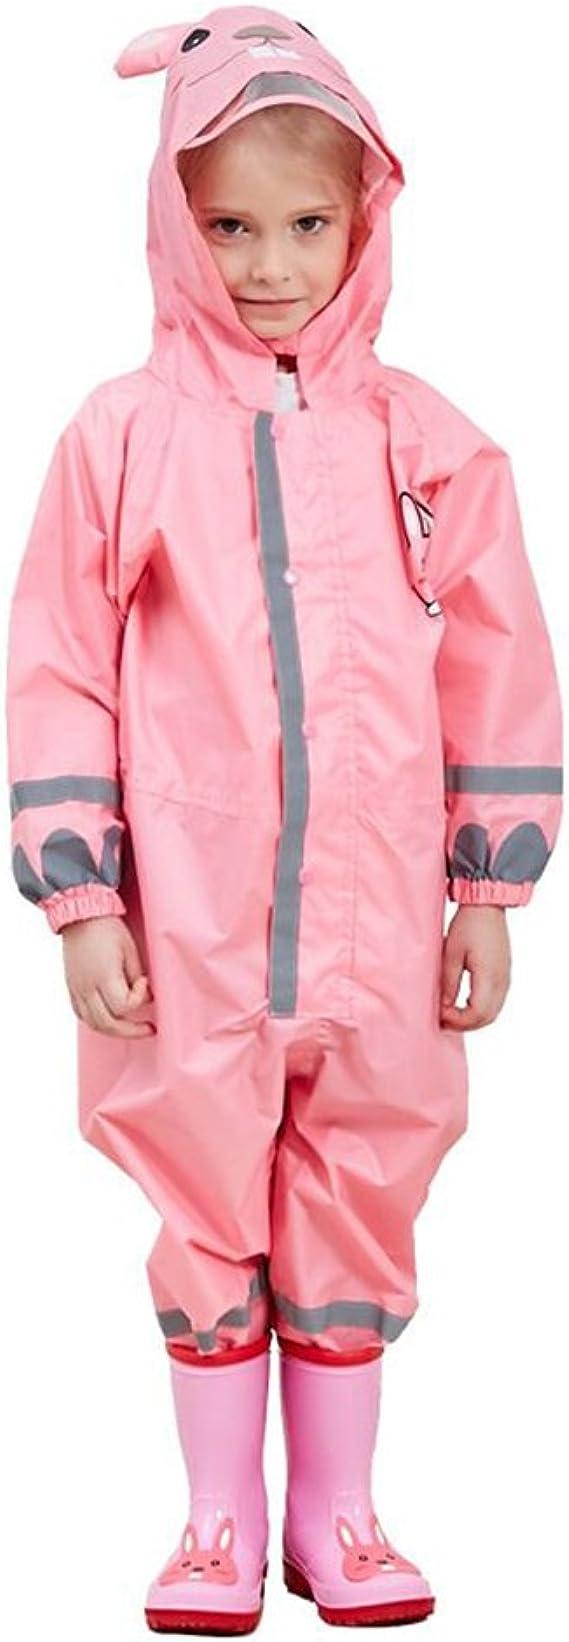 Hivia Tuta da Pioggia per Bambini Tuta Impermeabile Antipioggia Giacca Softshell da Pioggia Esterno per Scuola Escursionismo Calcio